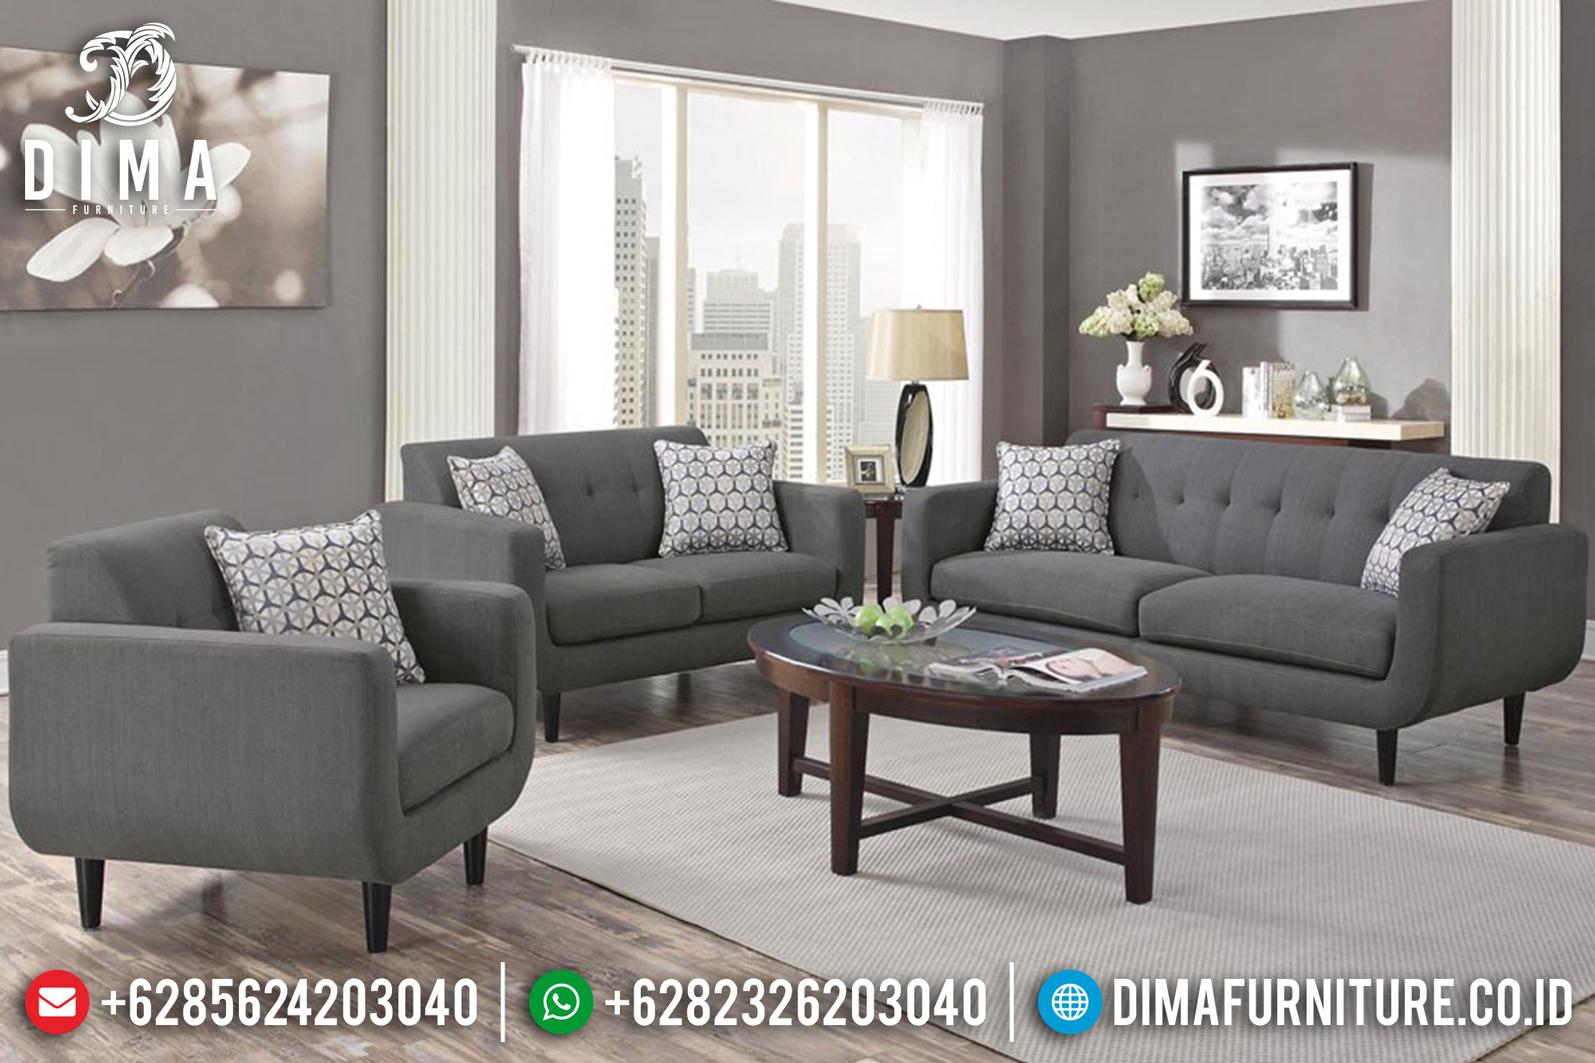 Seri Rosalie Sofa Tamu Minimalis Jepara Furniture Indonesia Terbaru ST-0629 Gambar 1